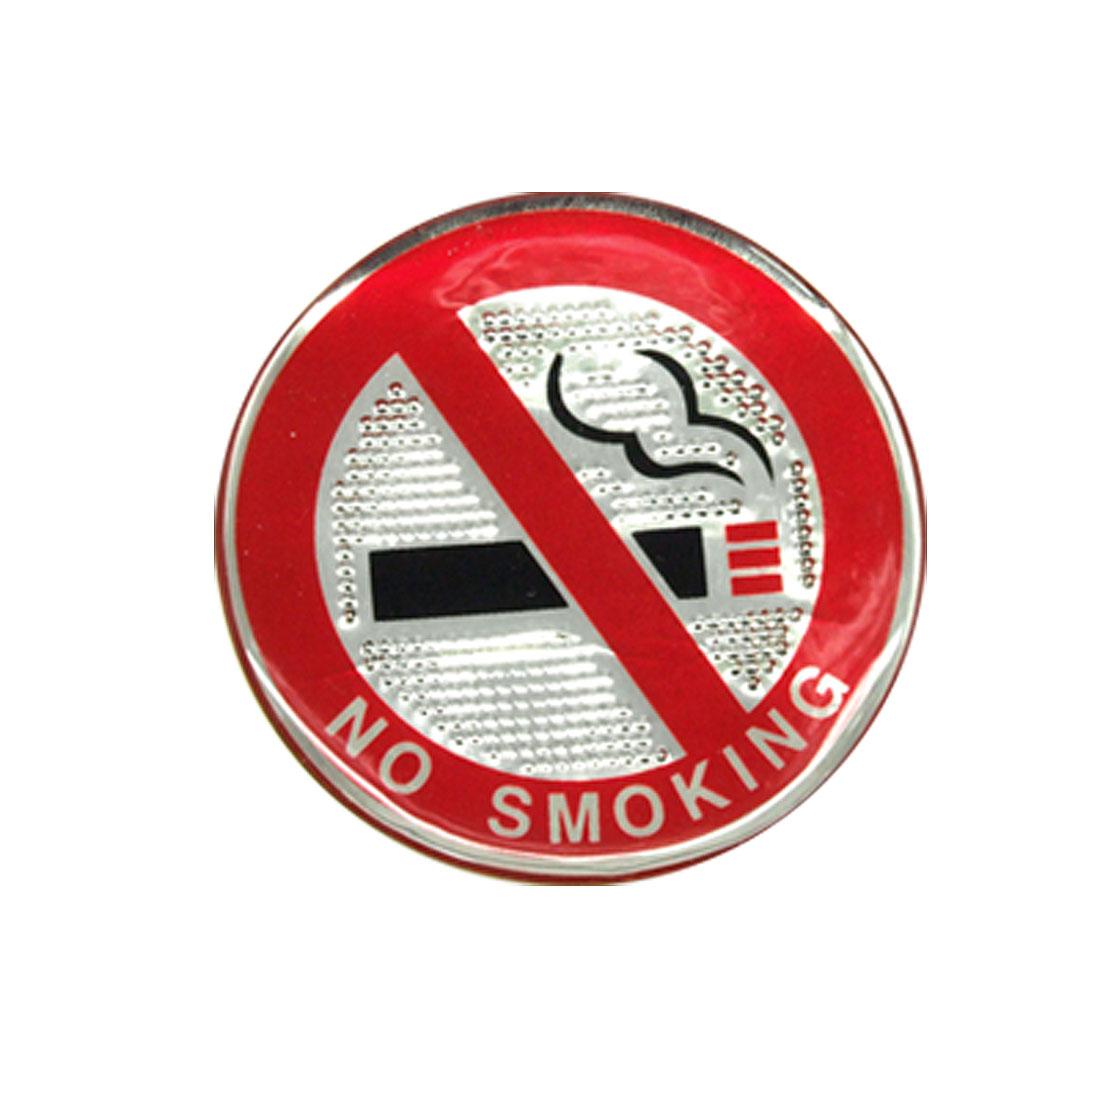 Car Soft Plastic No Smoking Sign Sticker